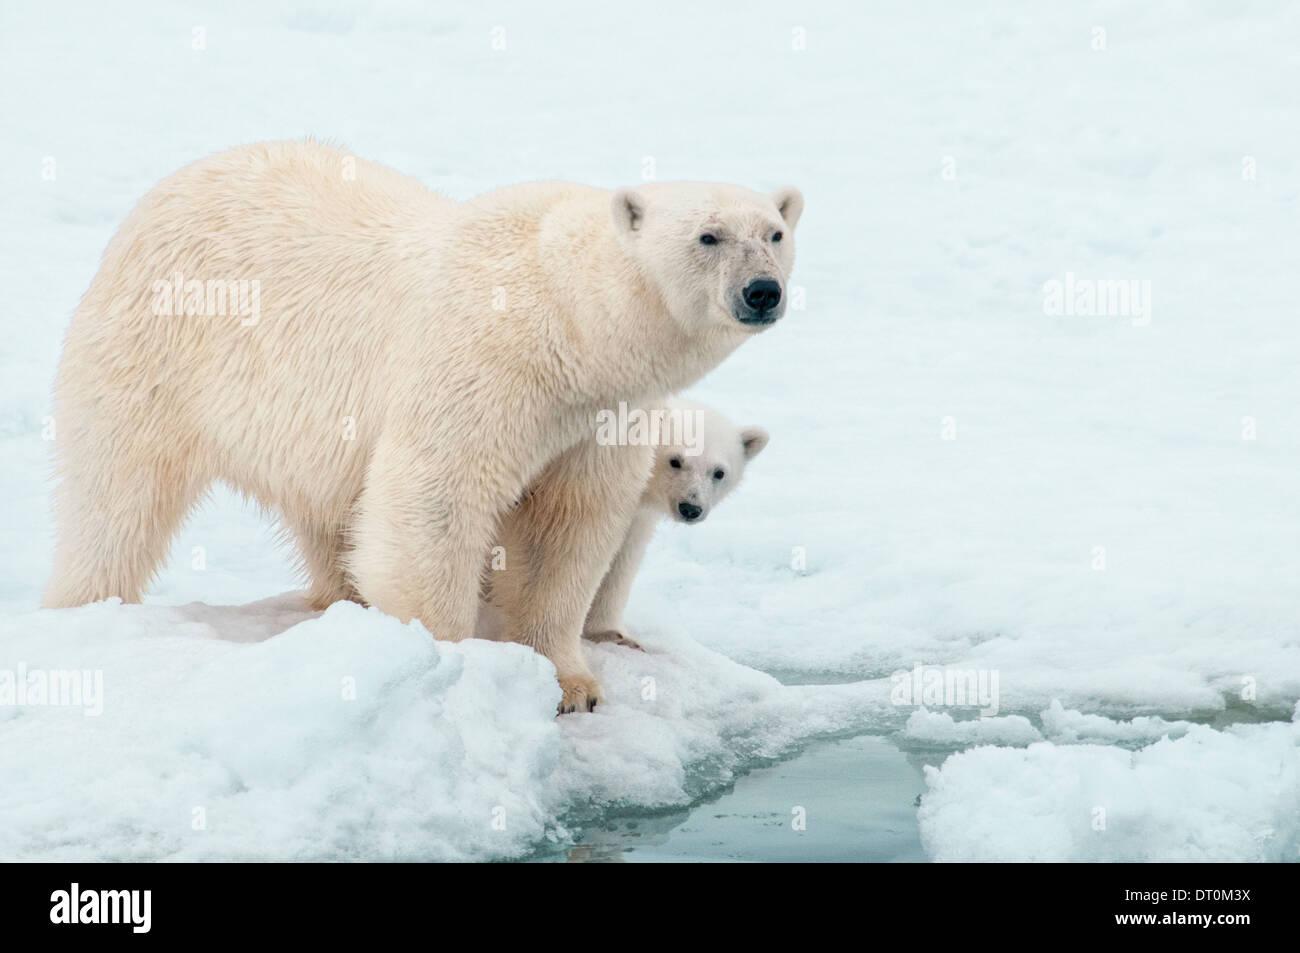 Eisbär-Mutter mit Jungtier versteckt sich hinter ihr, Ursus Maritimus, Olgastretet Packeis, Spitzbergen, Svalbard Stockbild